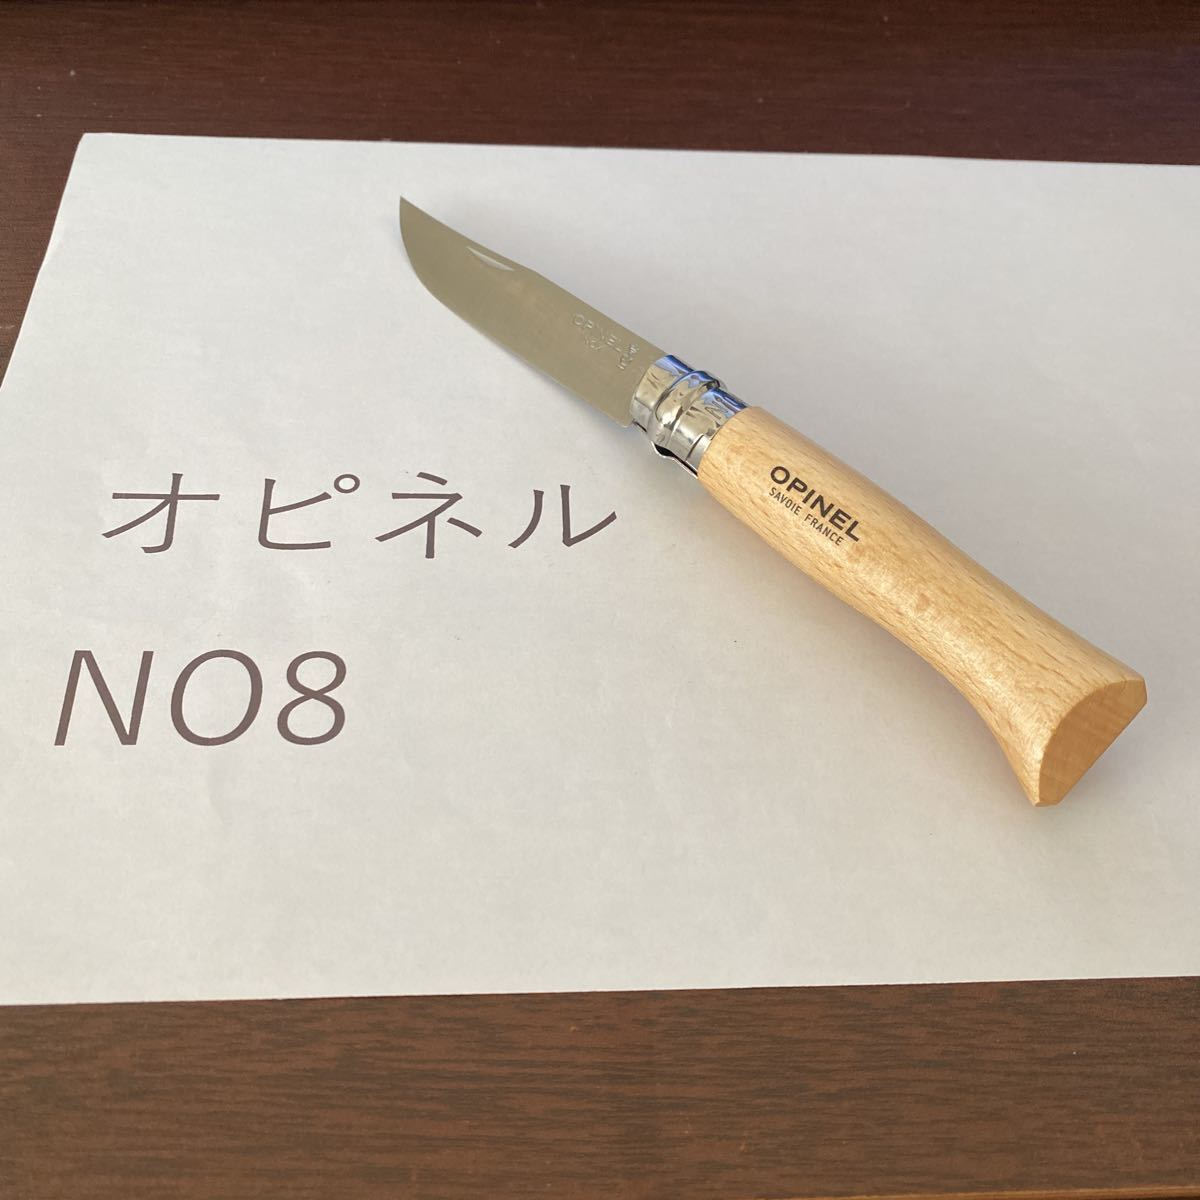 現物品 オピネル OPINEL ステンレススチール No8 並行輸入